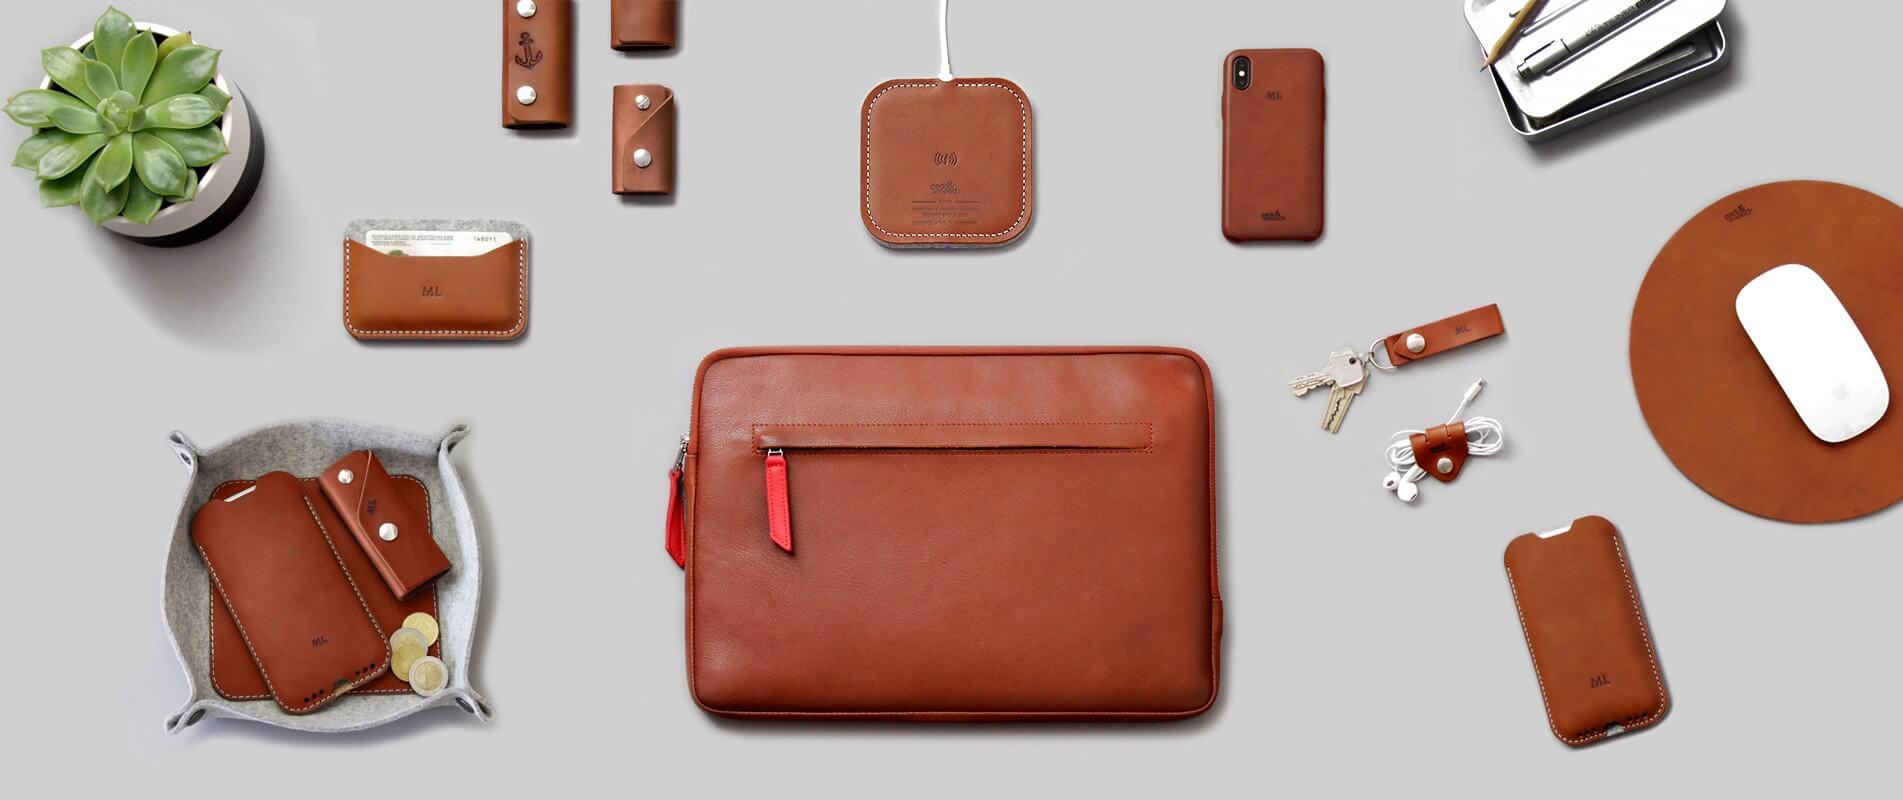 Pack & Smooch fertigt deinen Maßanzug für hochwertige Apple Produkte